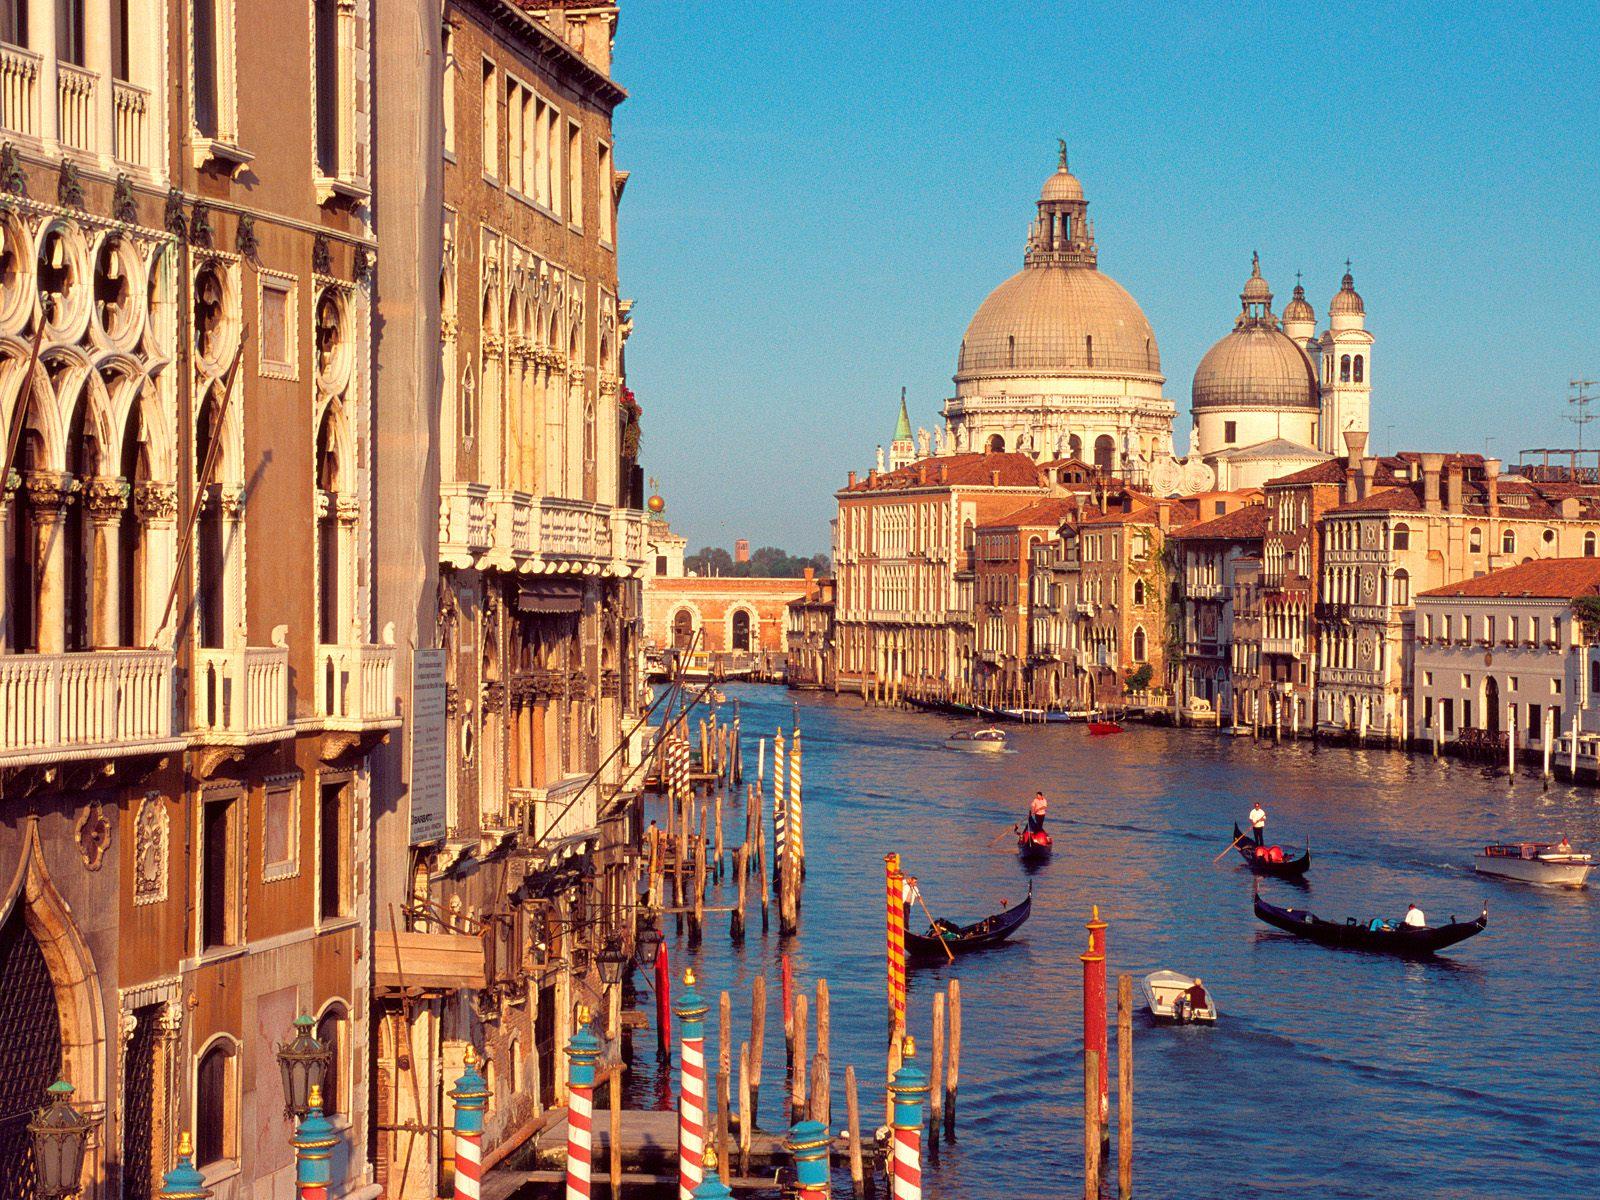 Venice-pic-2